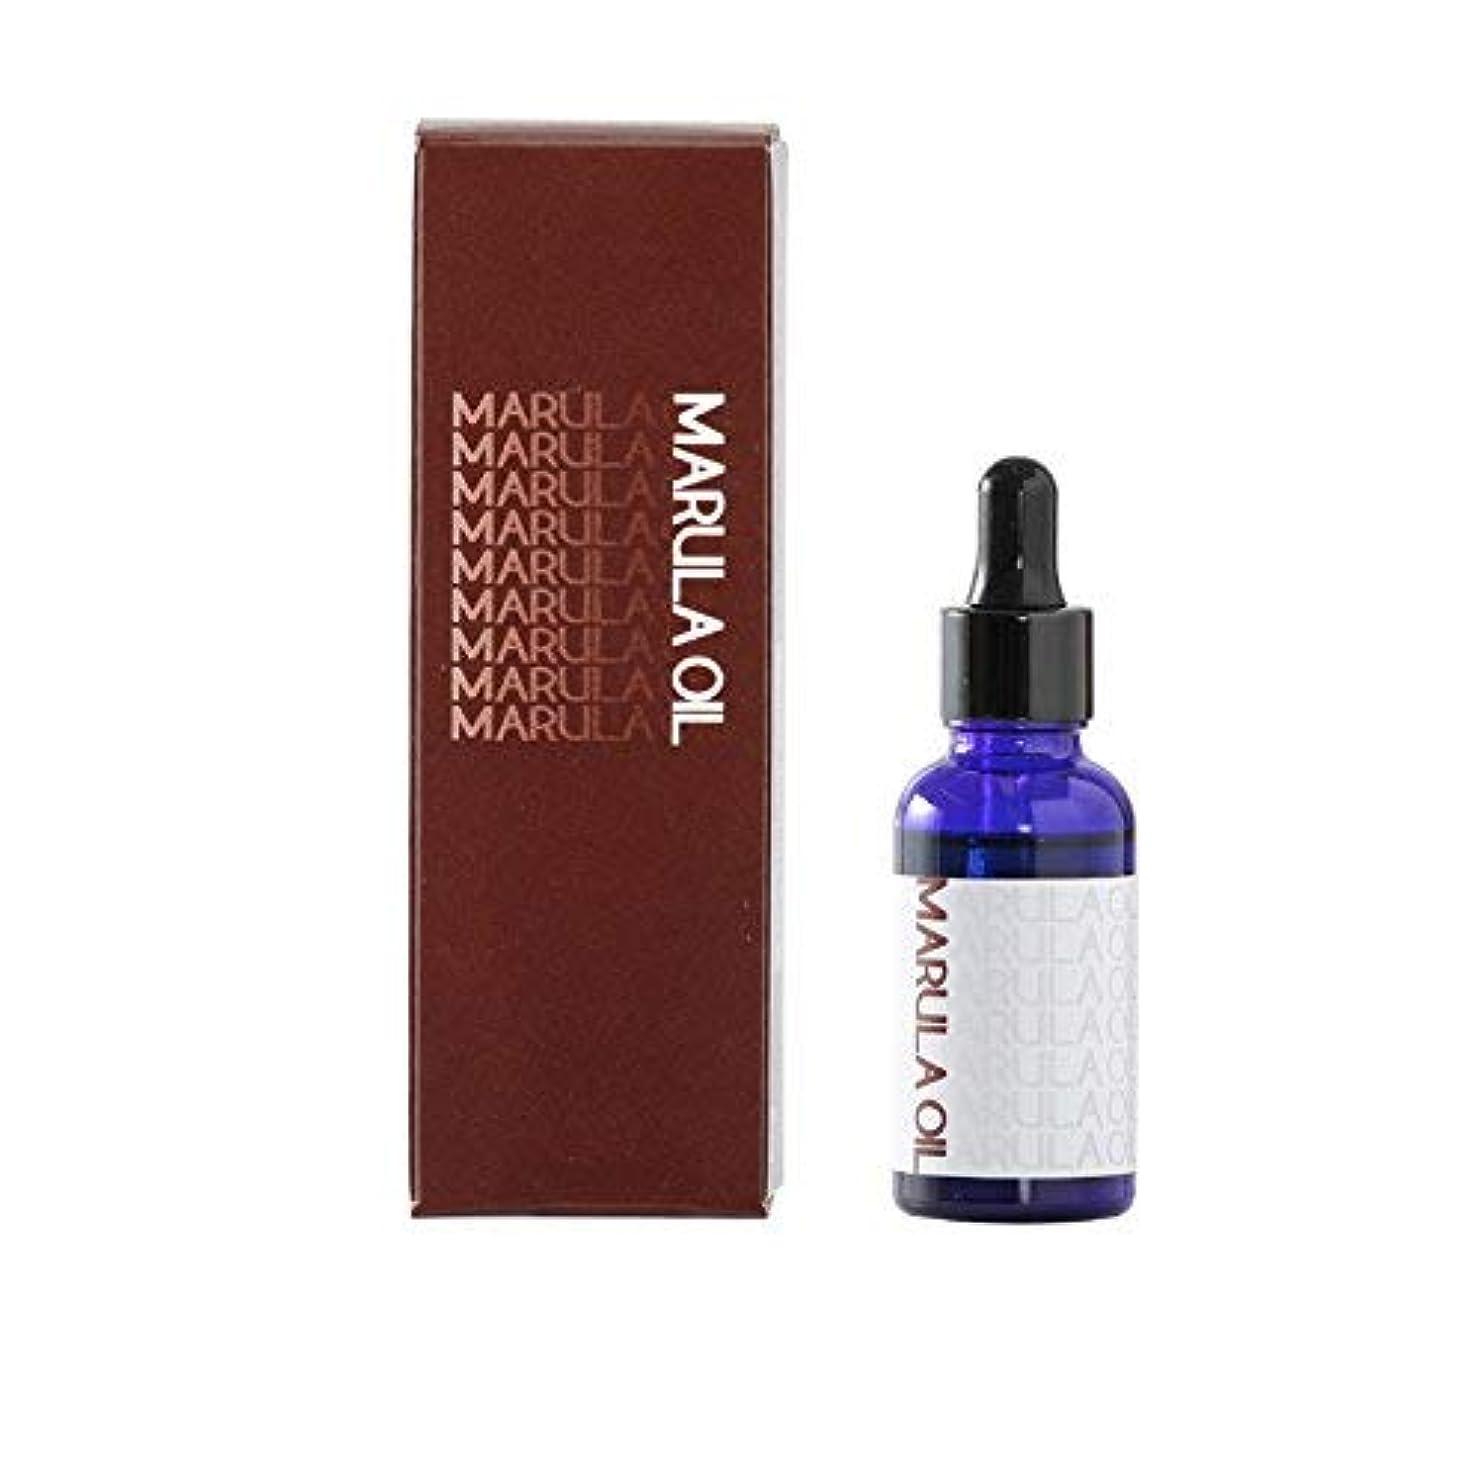 誰か購入説得マルラオイル 25ml 100%ピュア  (100%Pure) ( Marula Oil )( MARULA OIL) (植物オイル)